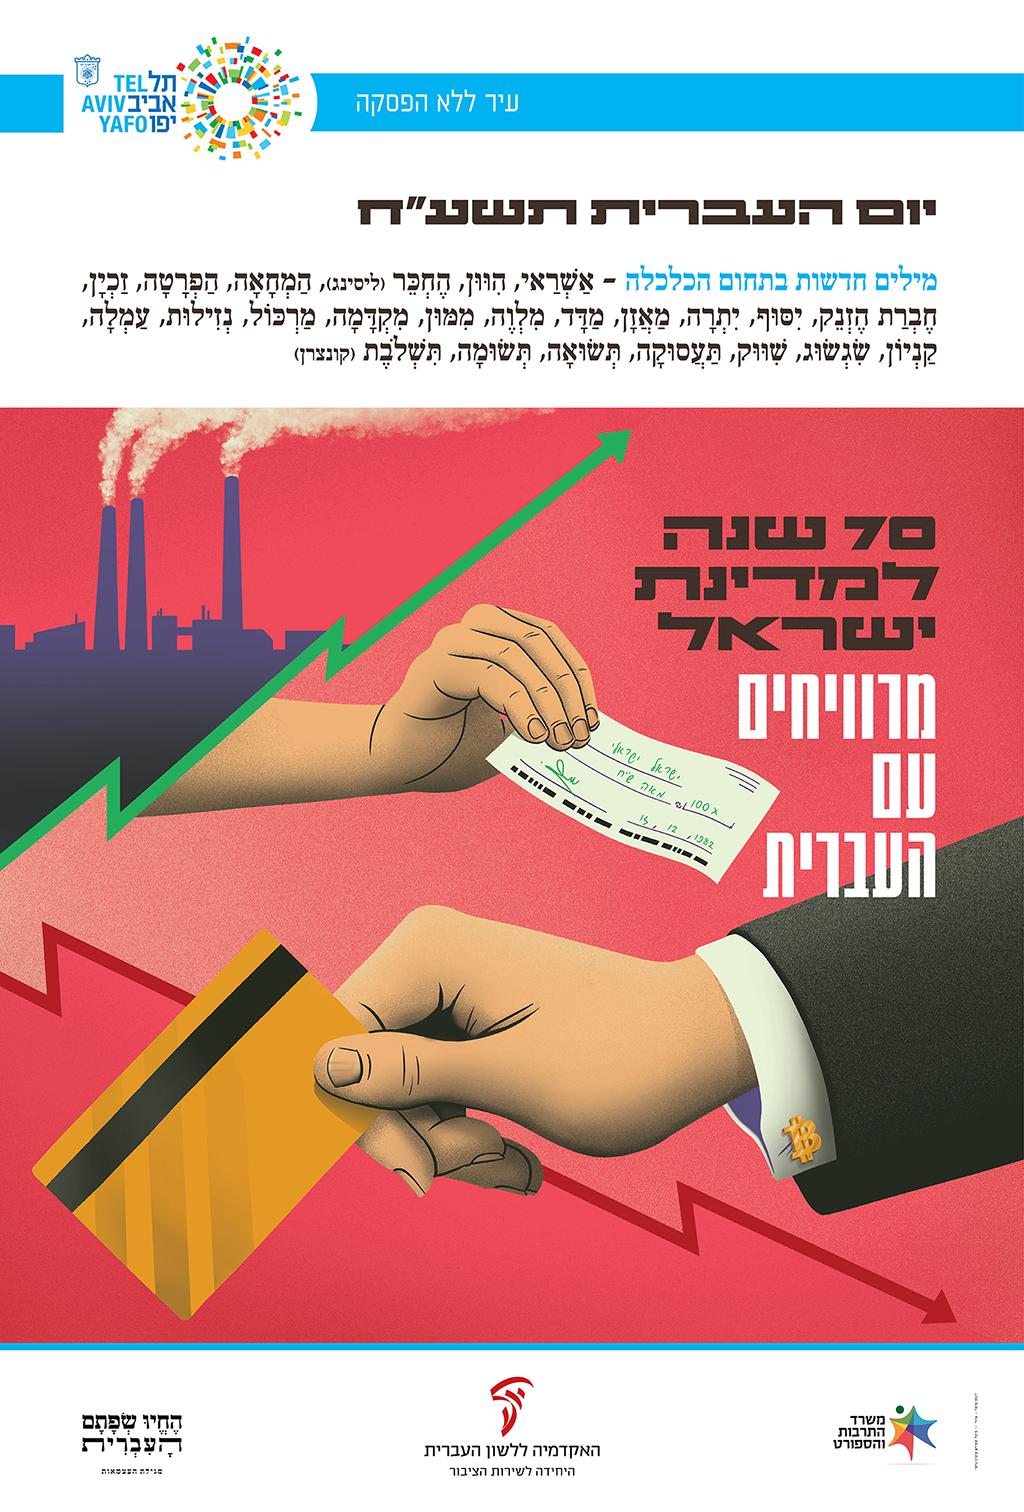 """כרזה ליום העברית תשע""""ח איור של מפעל, זוג ידיים מחזיקות כרטיס אשראי וצ'ק וכיתוב """"מרוויחים עם העברית"""""""